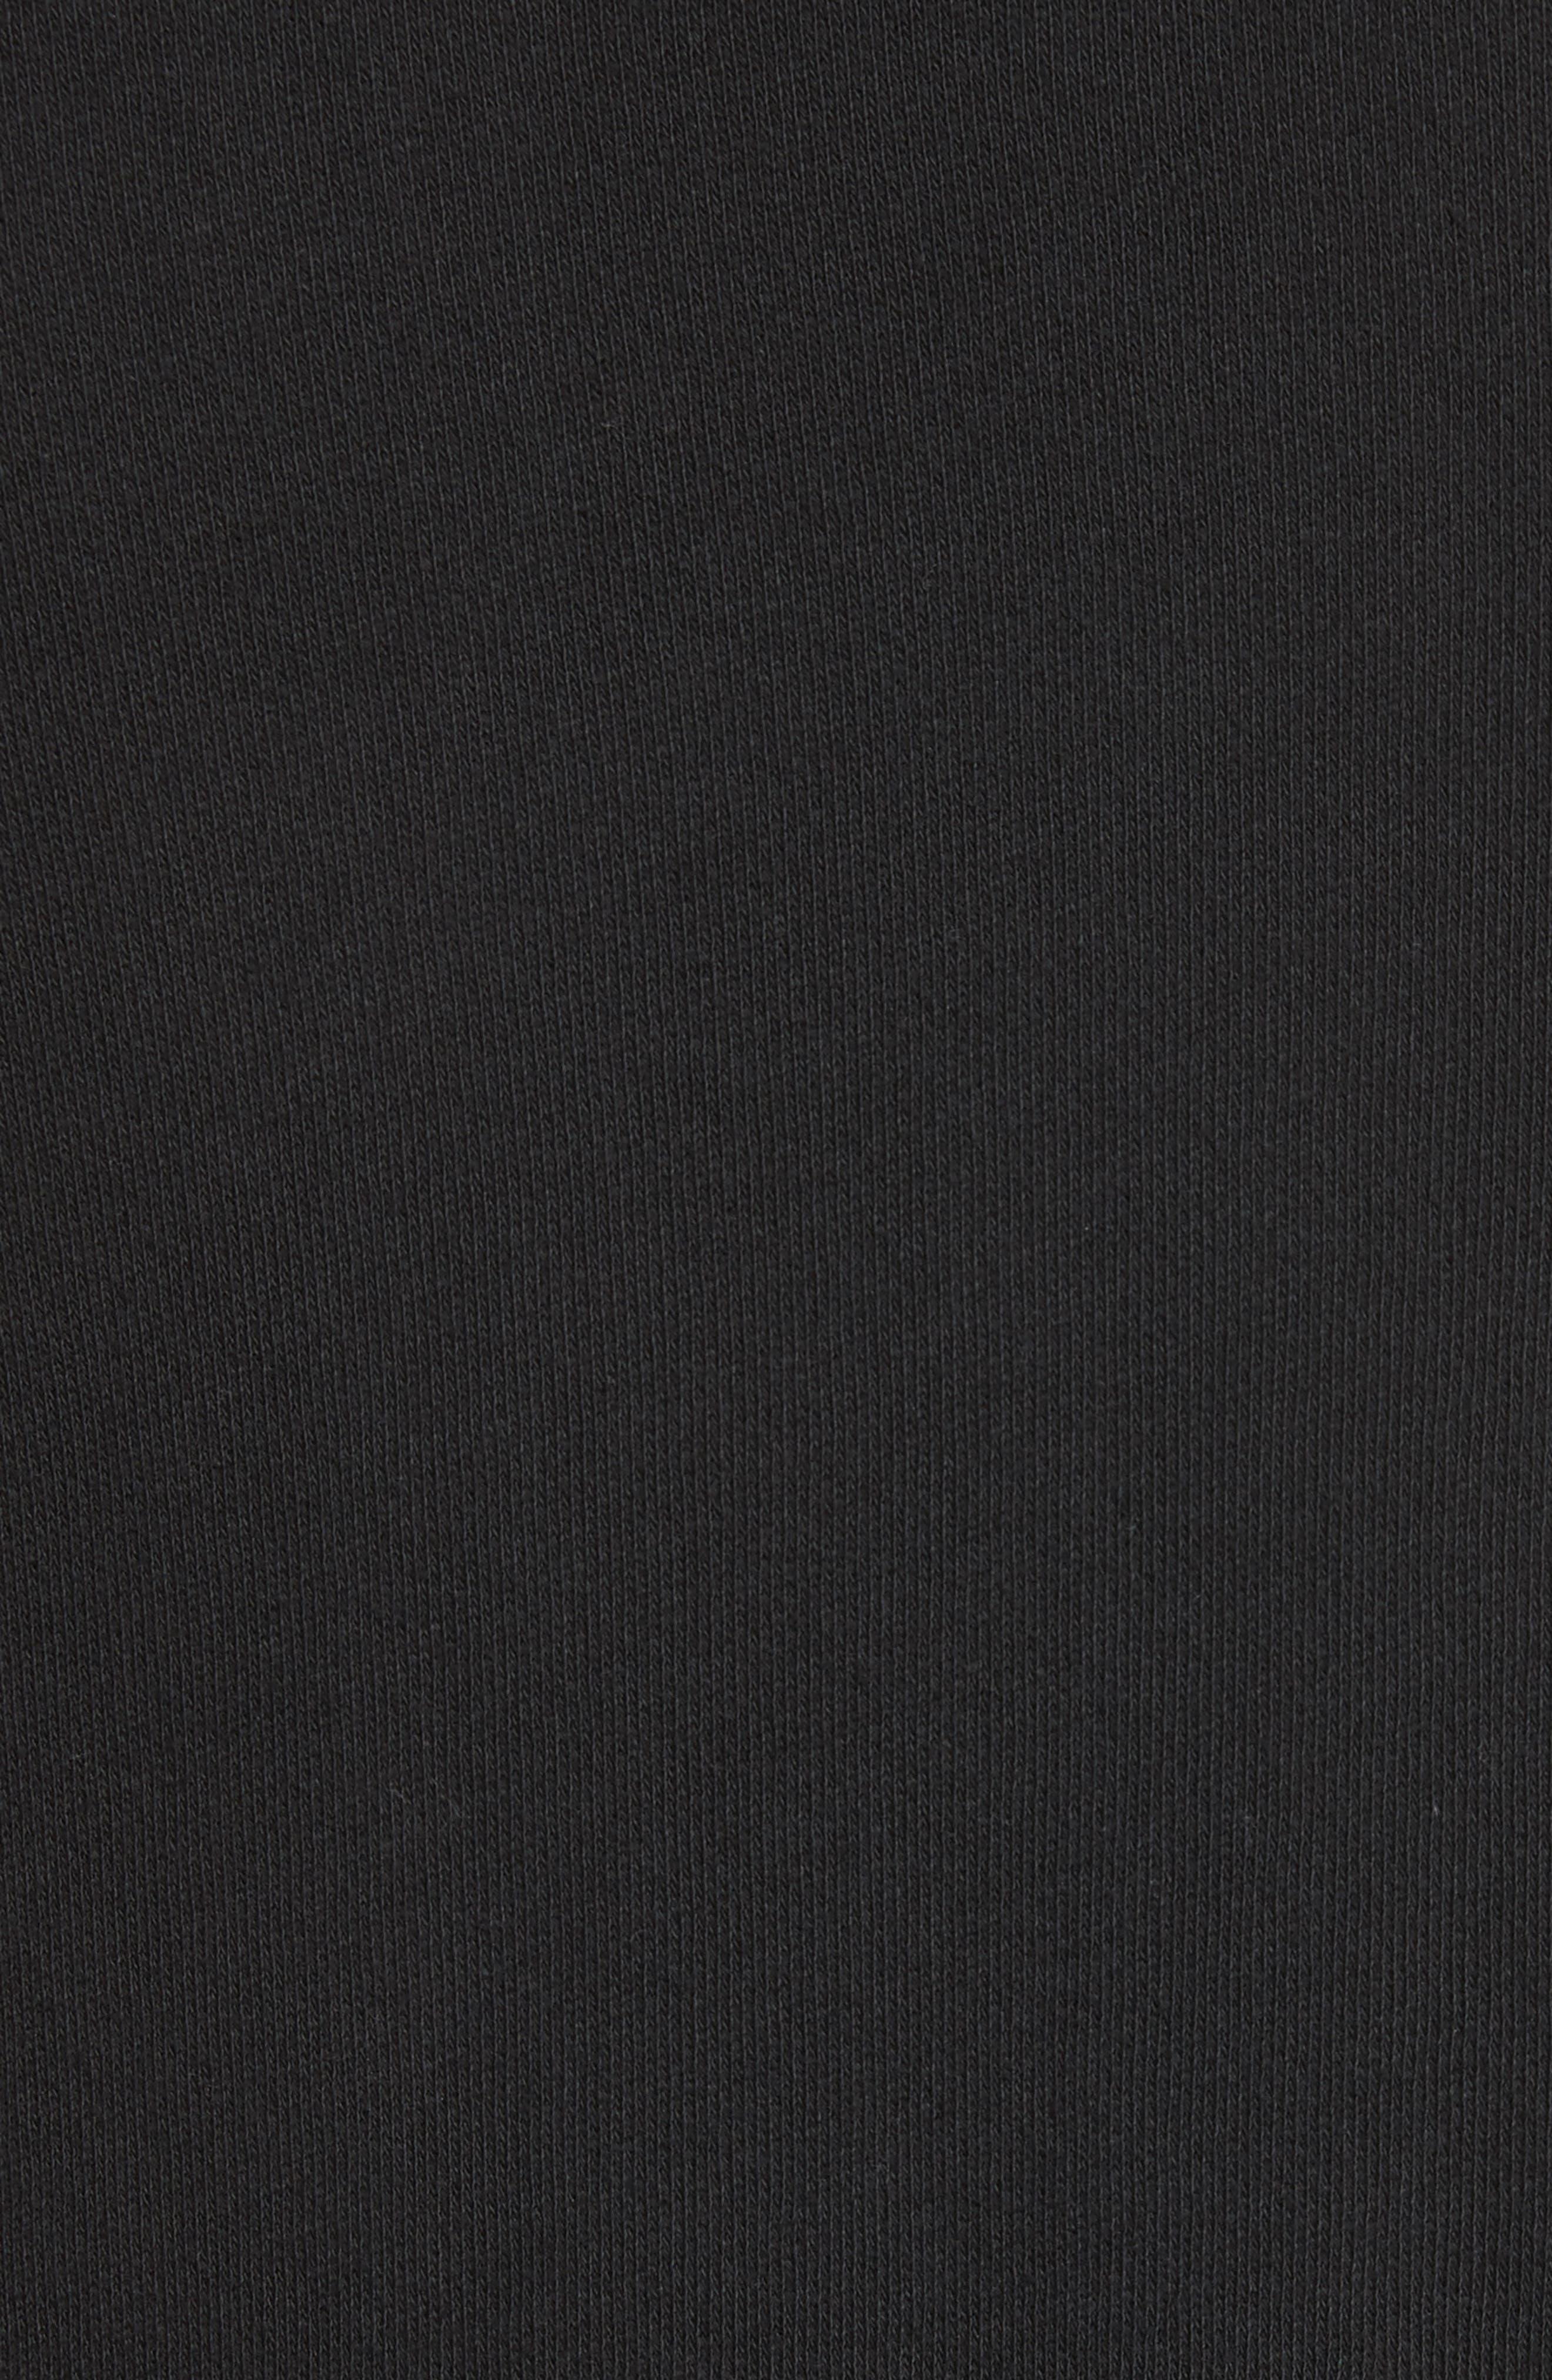 Battle Punk Graphic Sweatshirt,                             Alternate thumbnail 5, color,                             Black